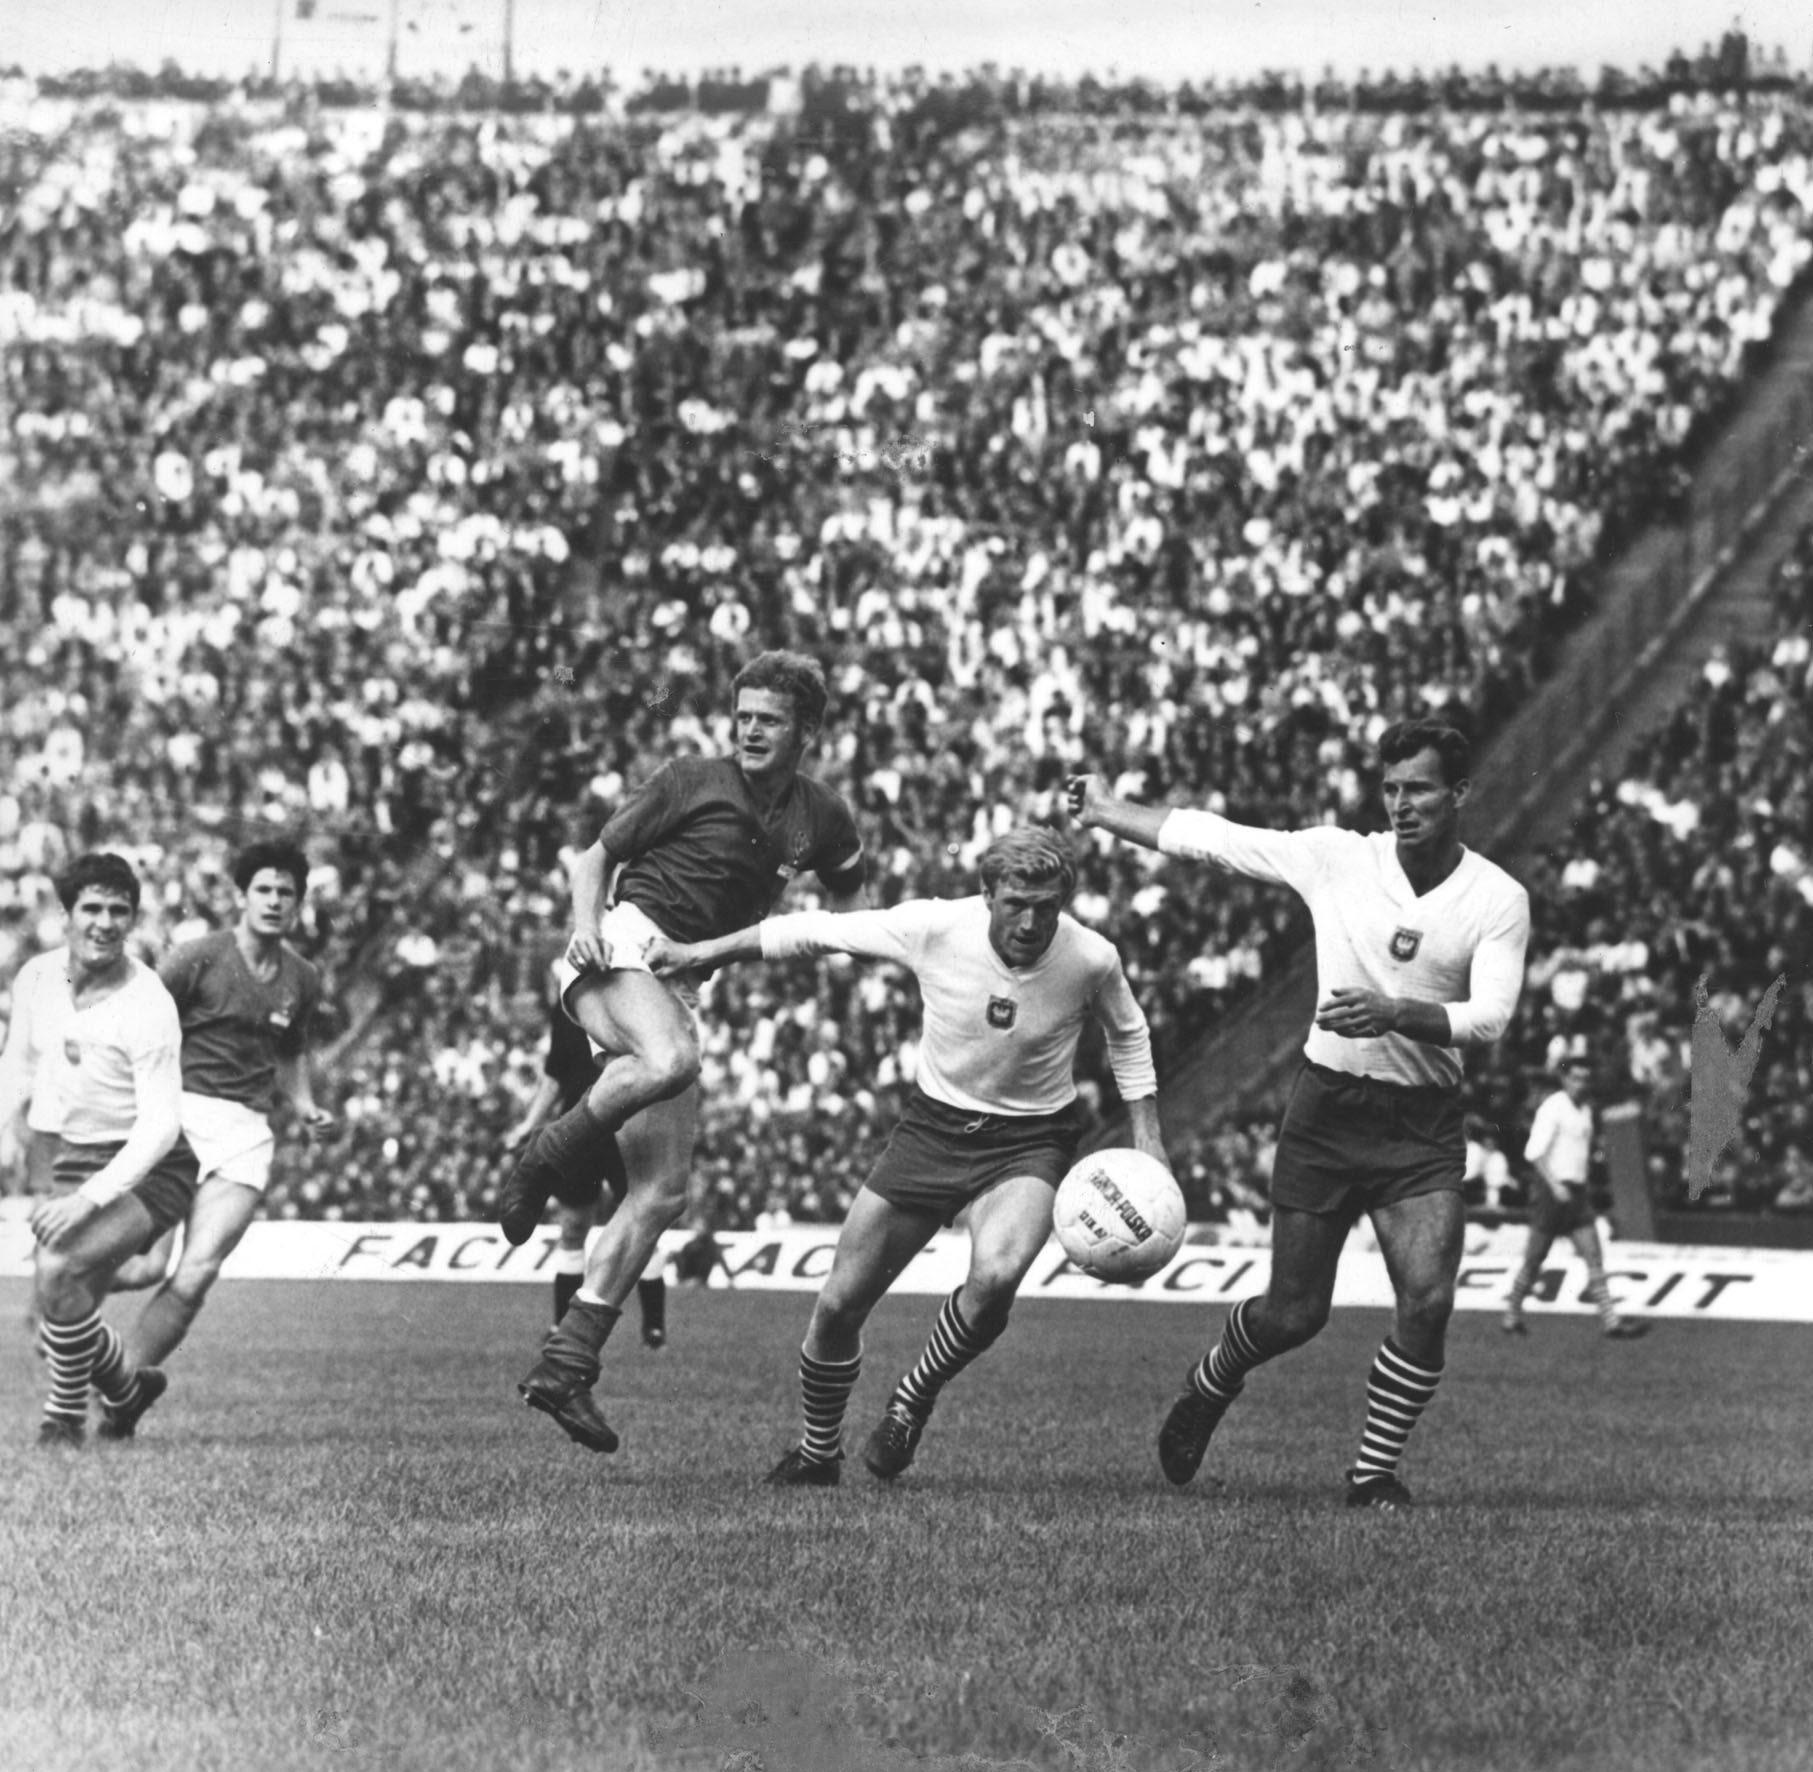 Mecz Polska - Francja w eliminacjach Euro 1968.